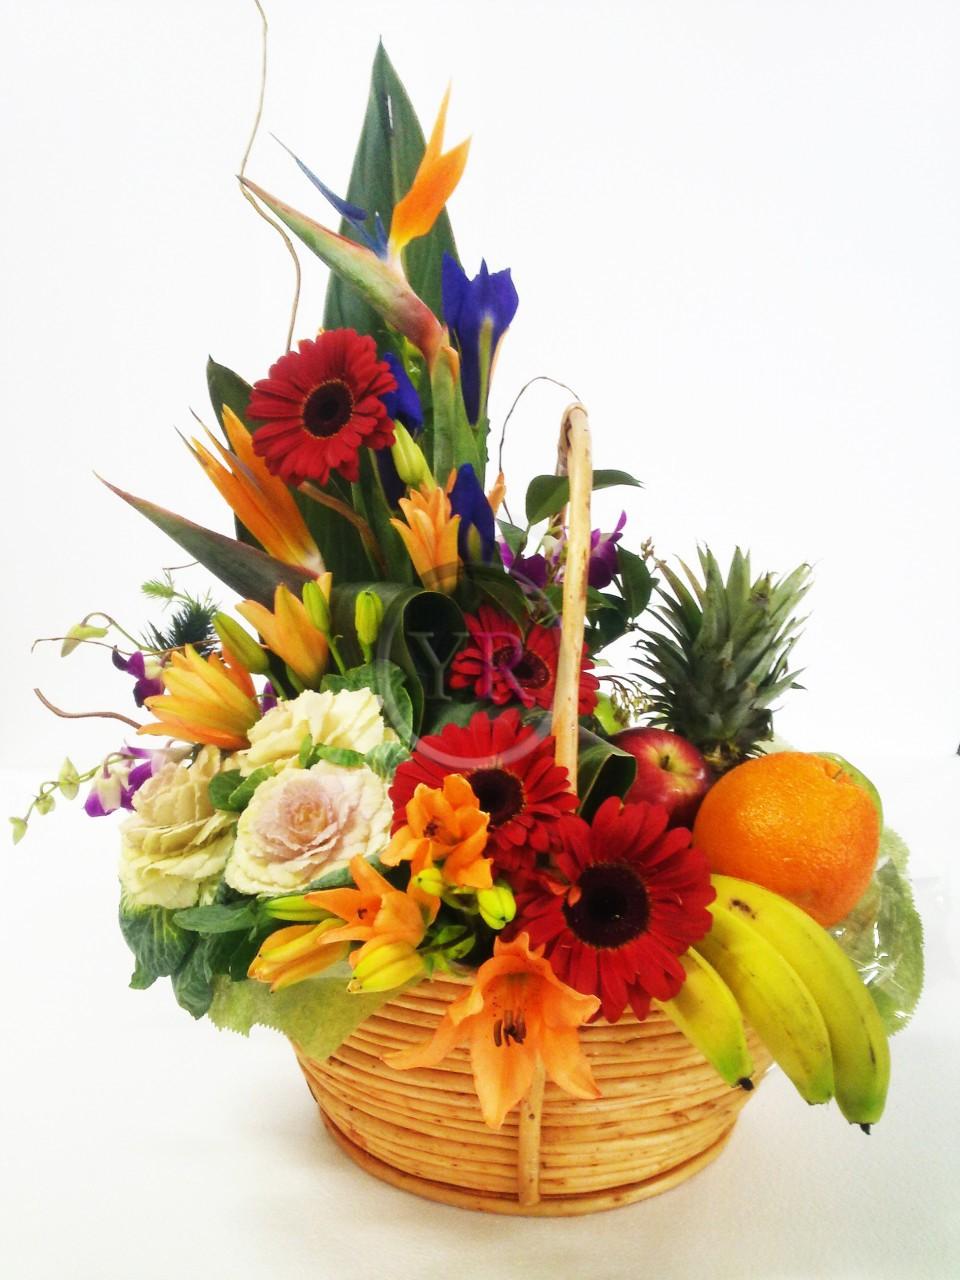 FilGiftShop Flowers And Fruit Gift Basket FilGiftShop